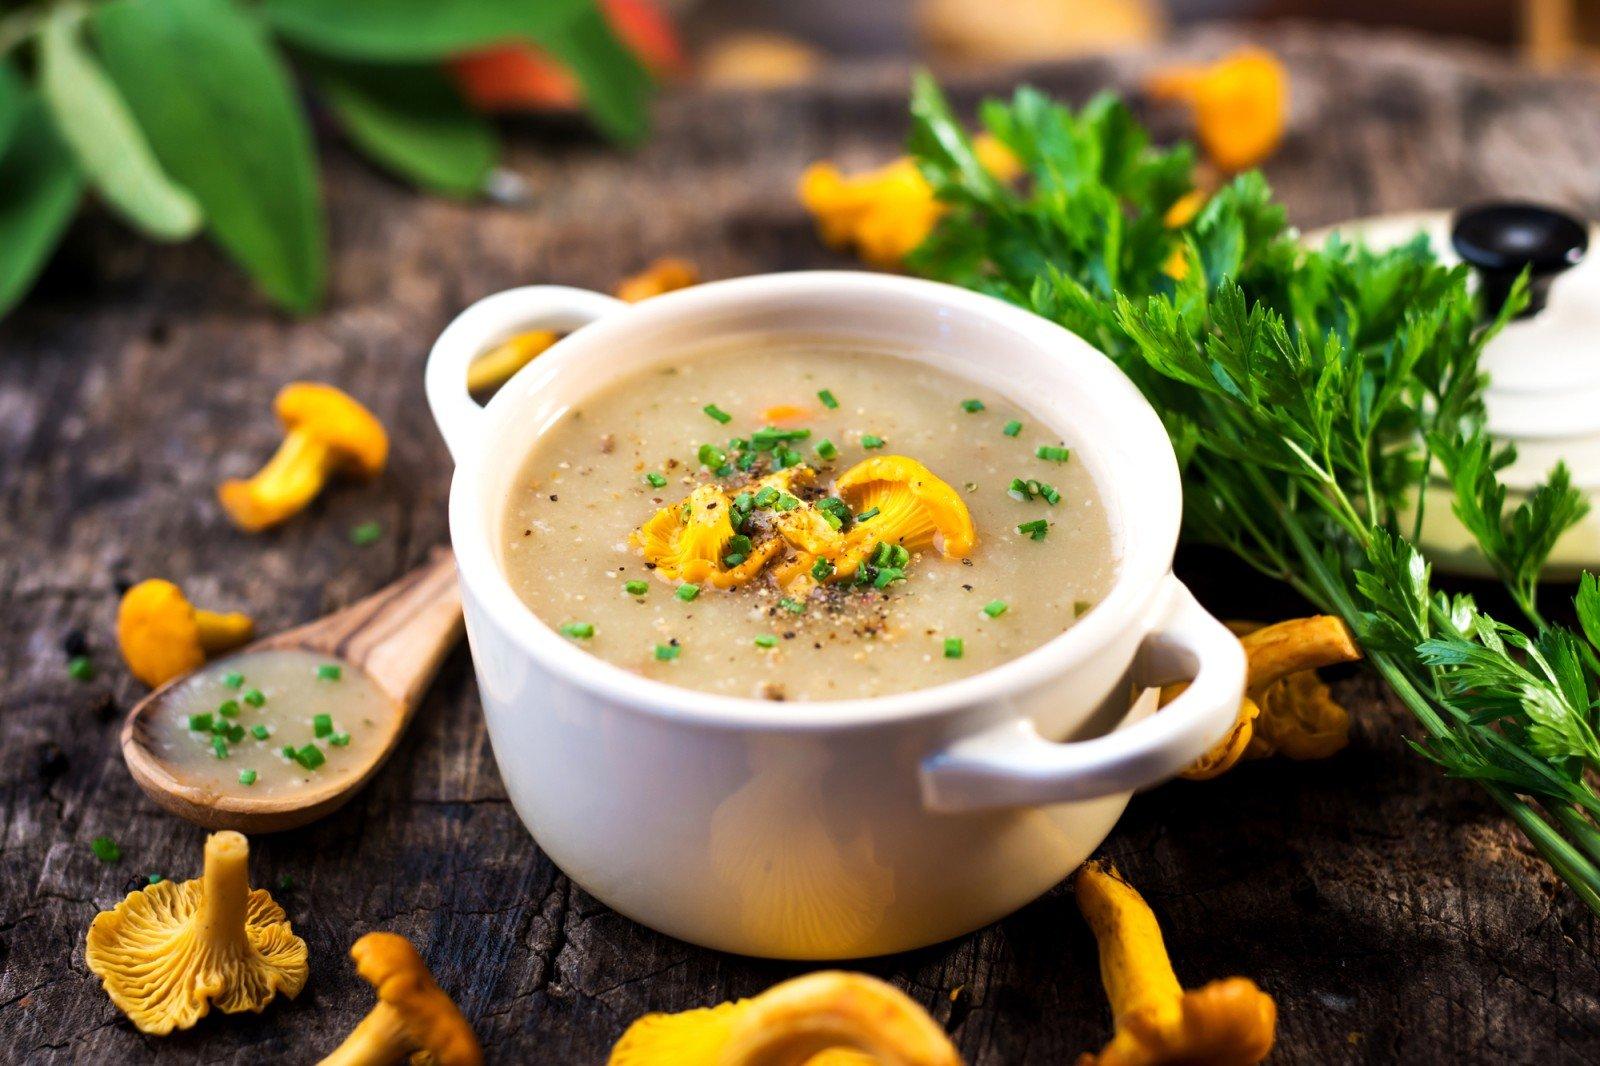 Магический суп из лисичек от Евы Польны: готовить обязательно!